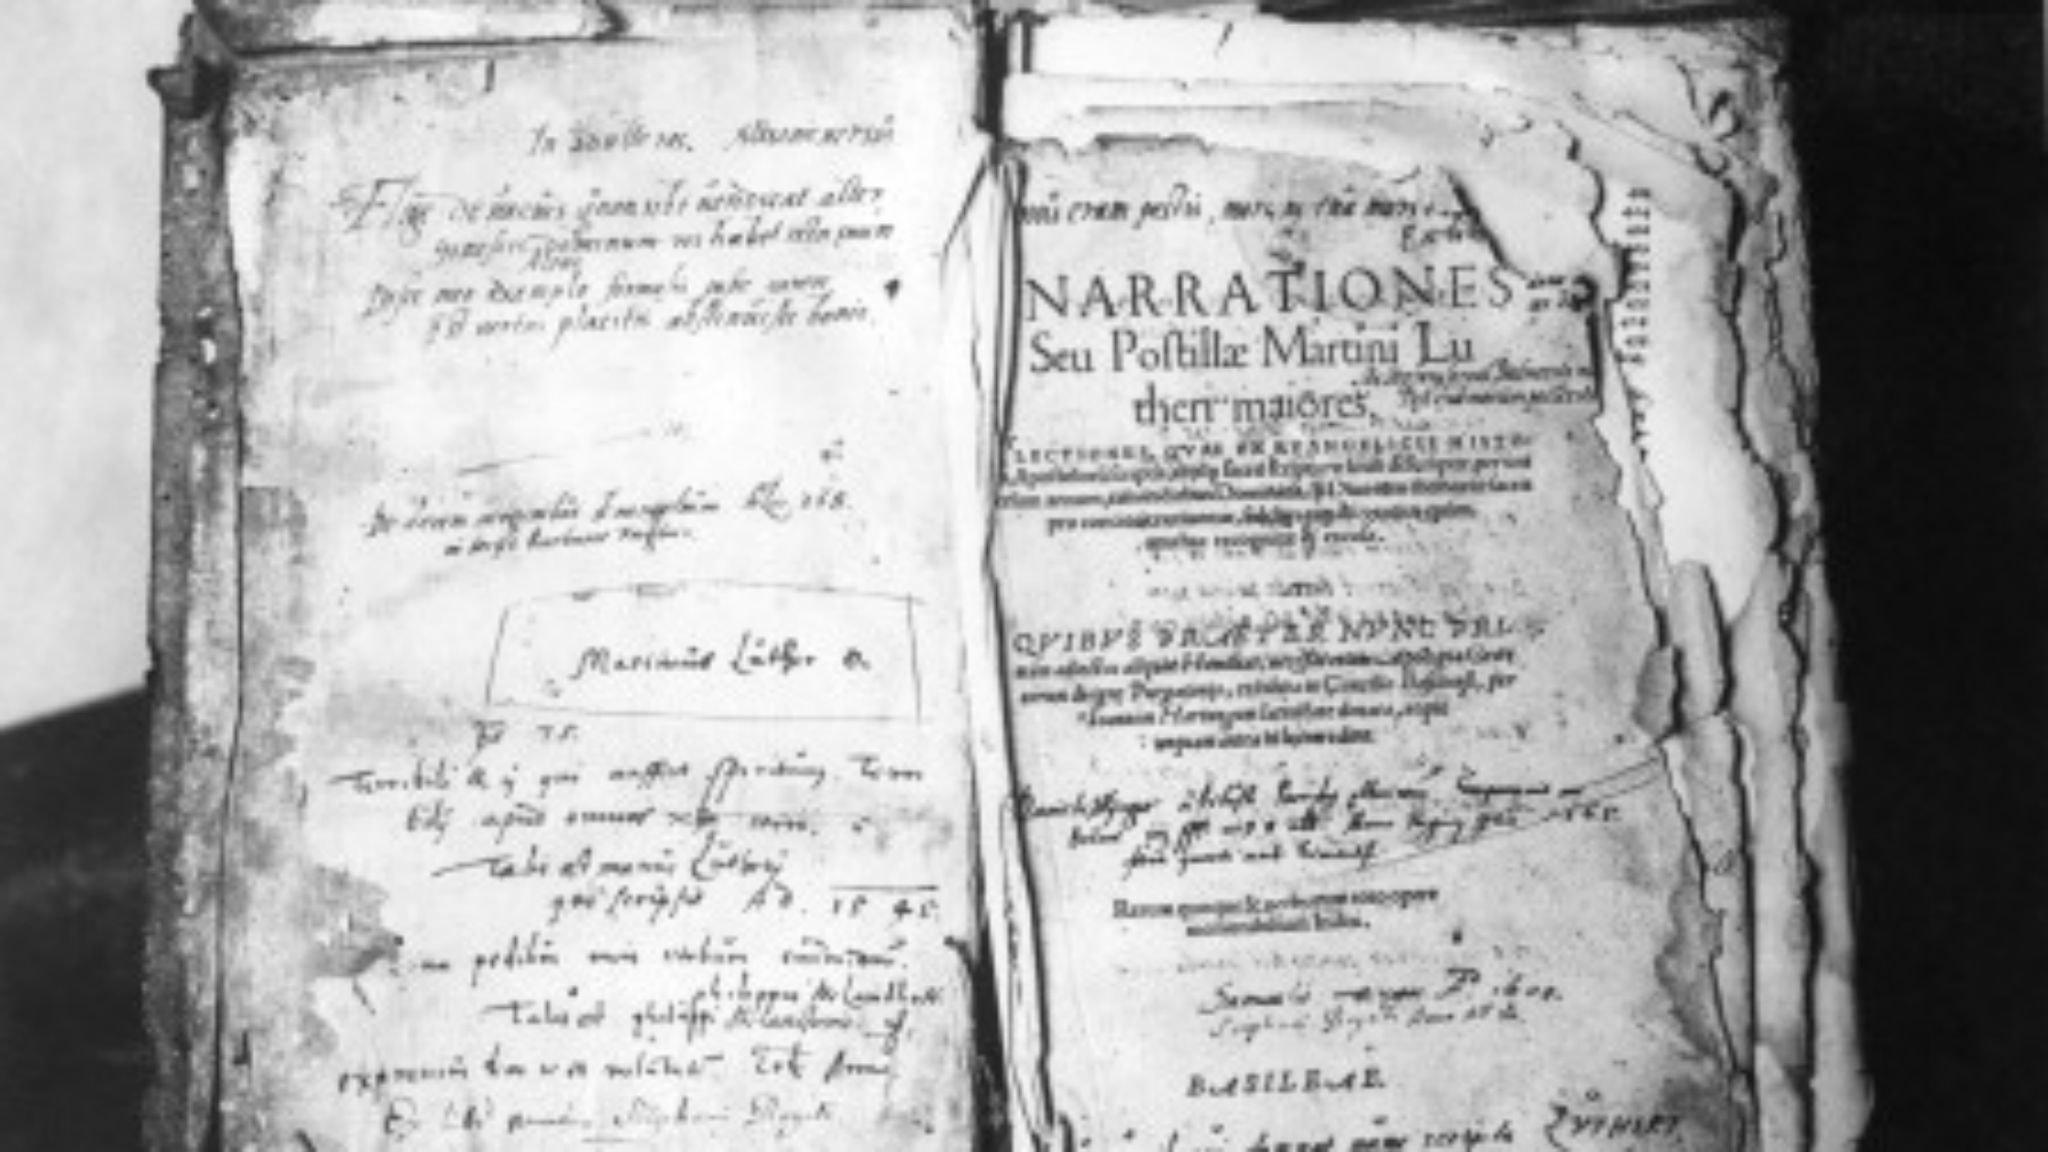 Reformationen 500 år - om en envis munk som splittrade kyrkan